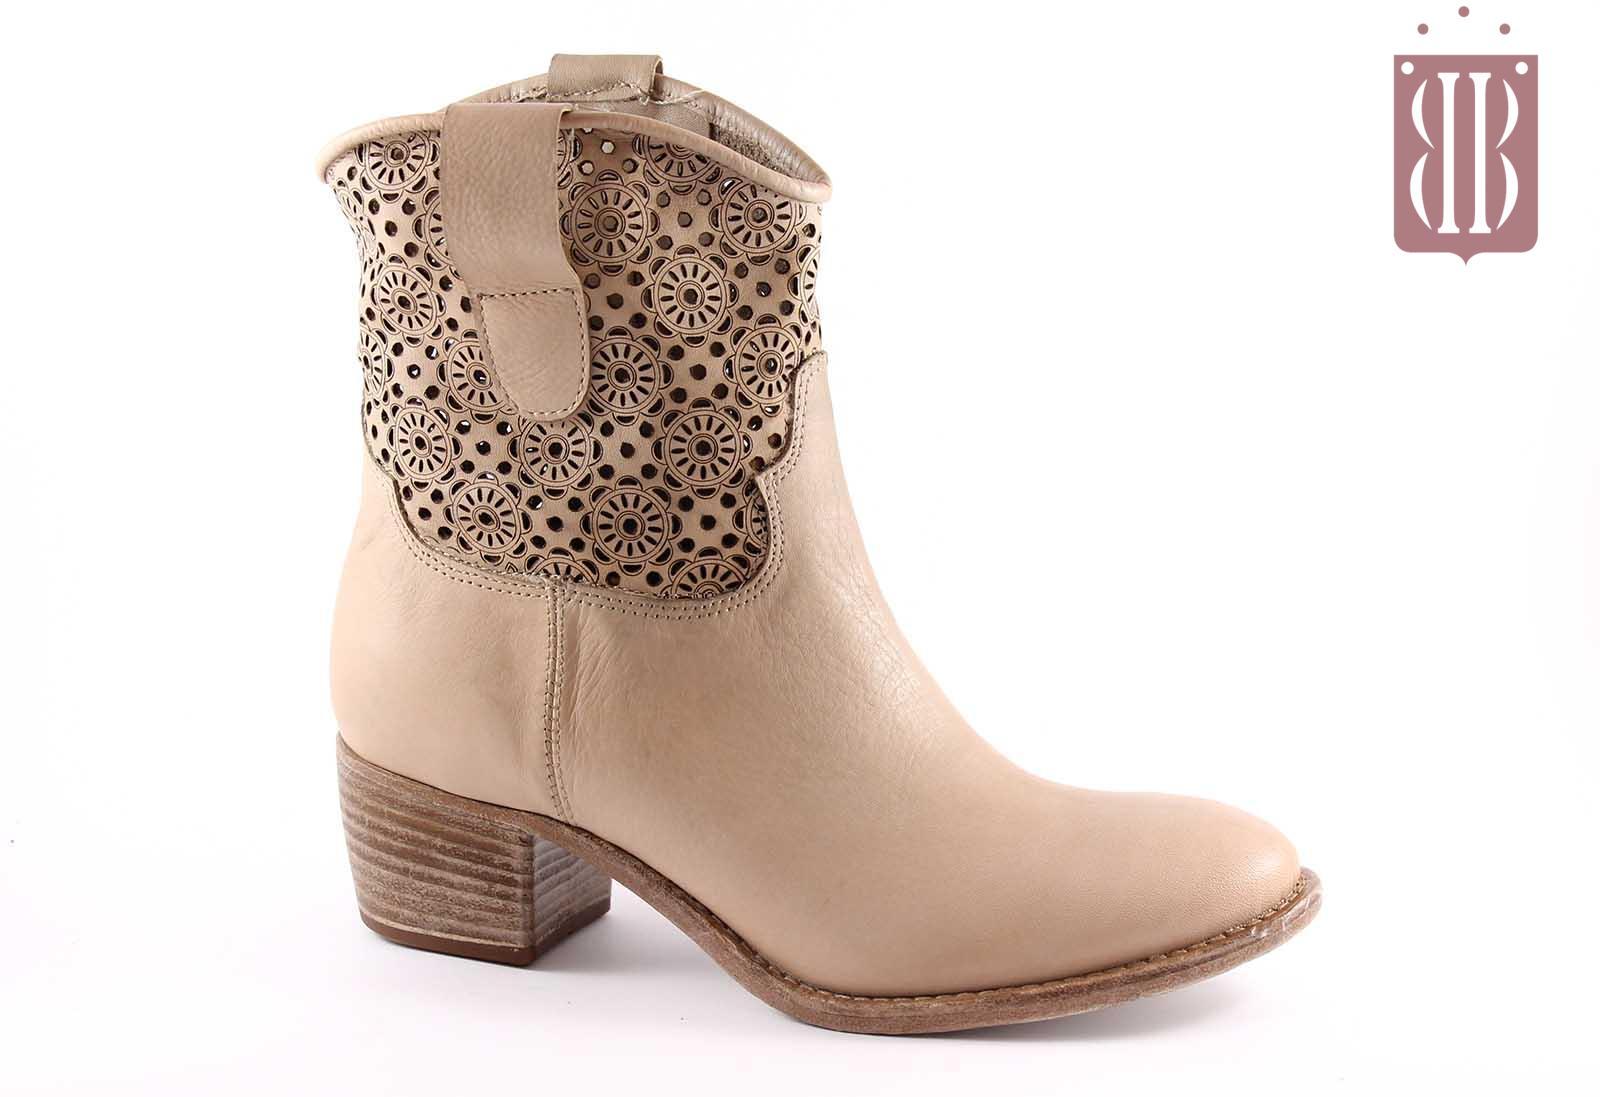 sports shoes aadce bab5a PROGETTO L321 avorio scarpe donna stivaletti zip ricamato